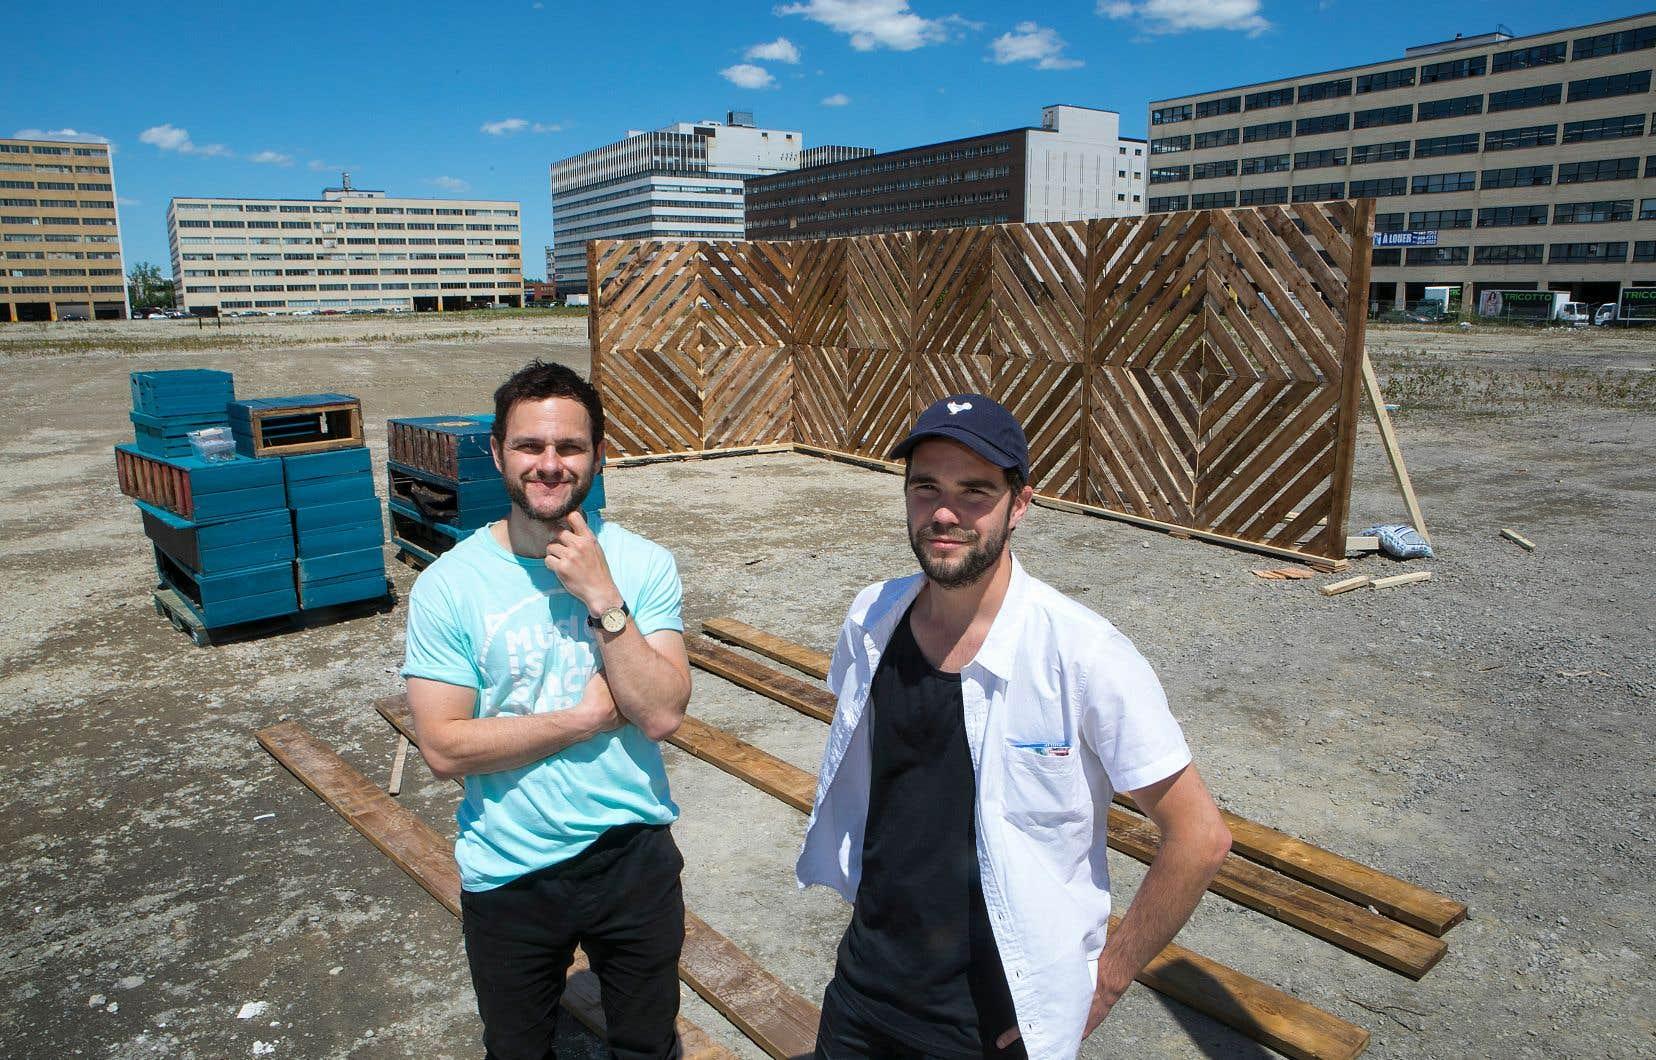 Philippe Pelletier, cofondateur et directeur de la programmation de Green Haüs (à droite), et DJ Lexis, qui ajoutera à l'offre musicale du projet, se tiennent à l'endroit où l'espace public sera inauguré, le 13 juin prochain.